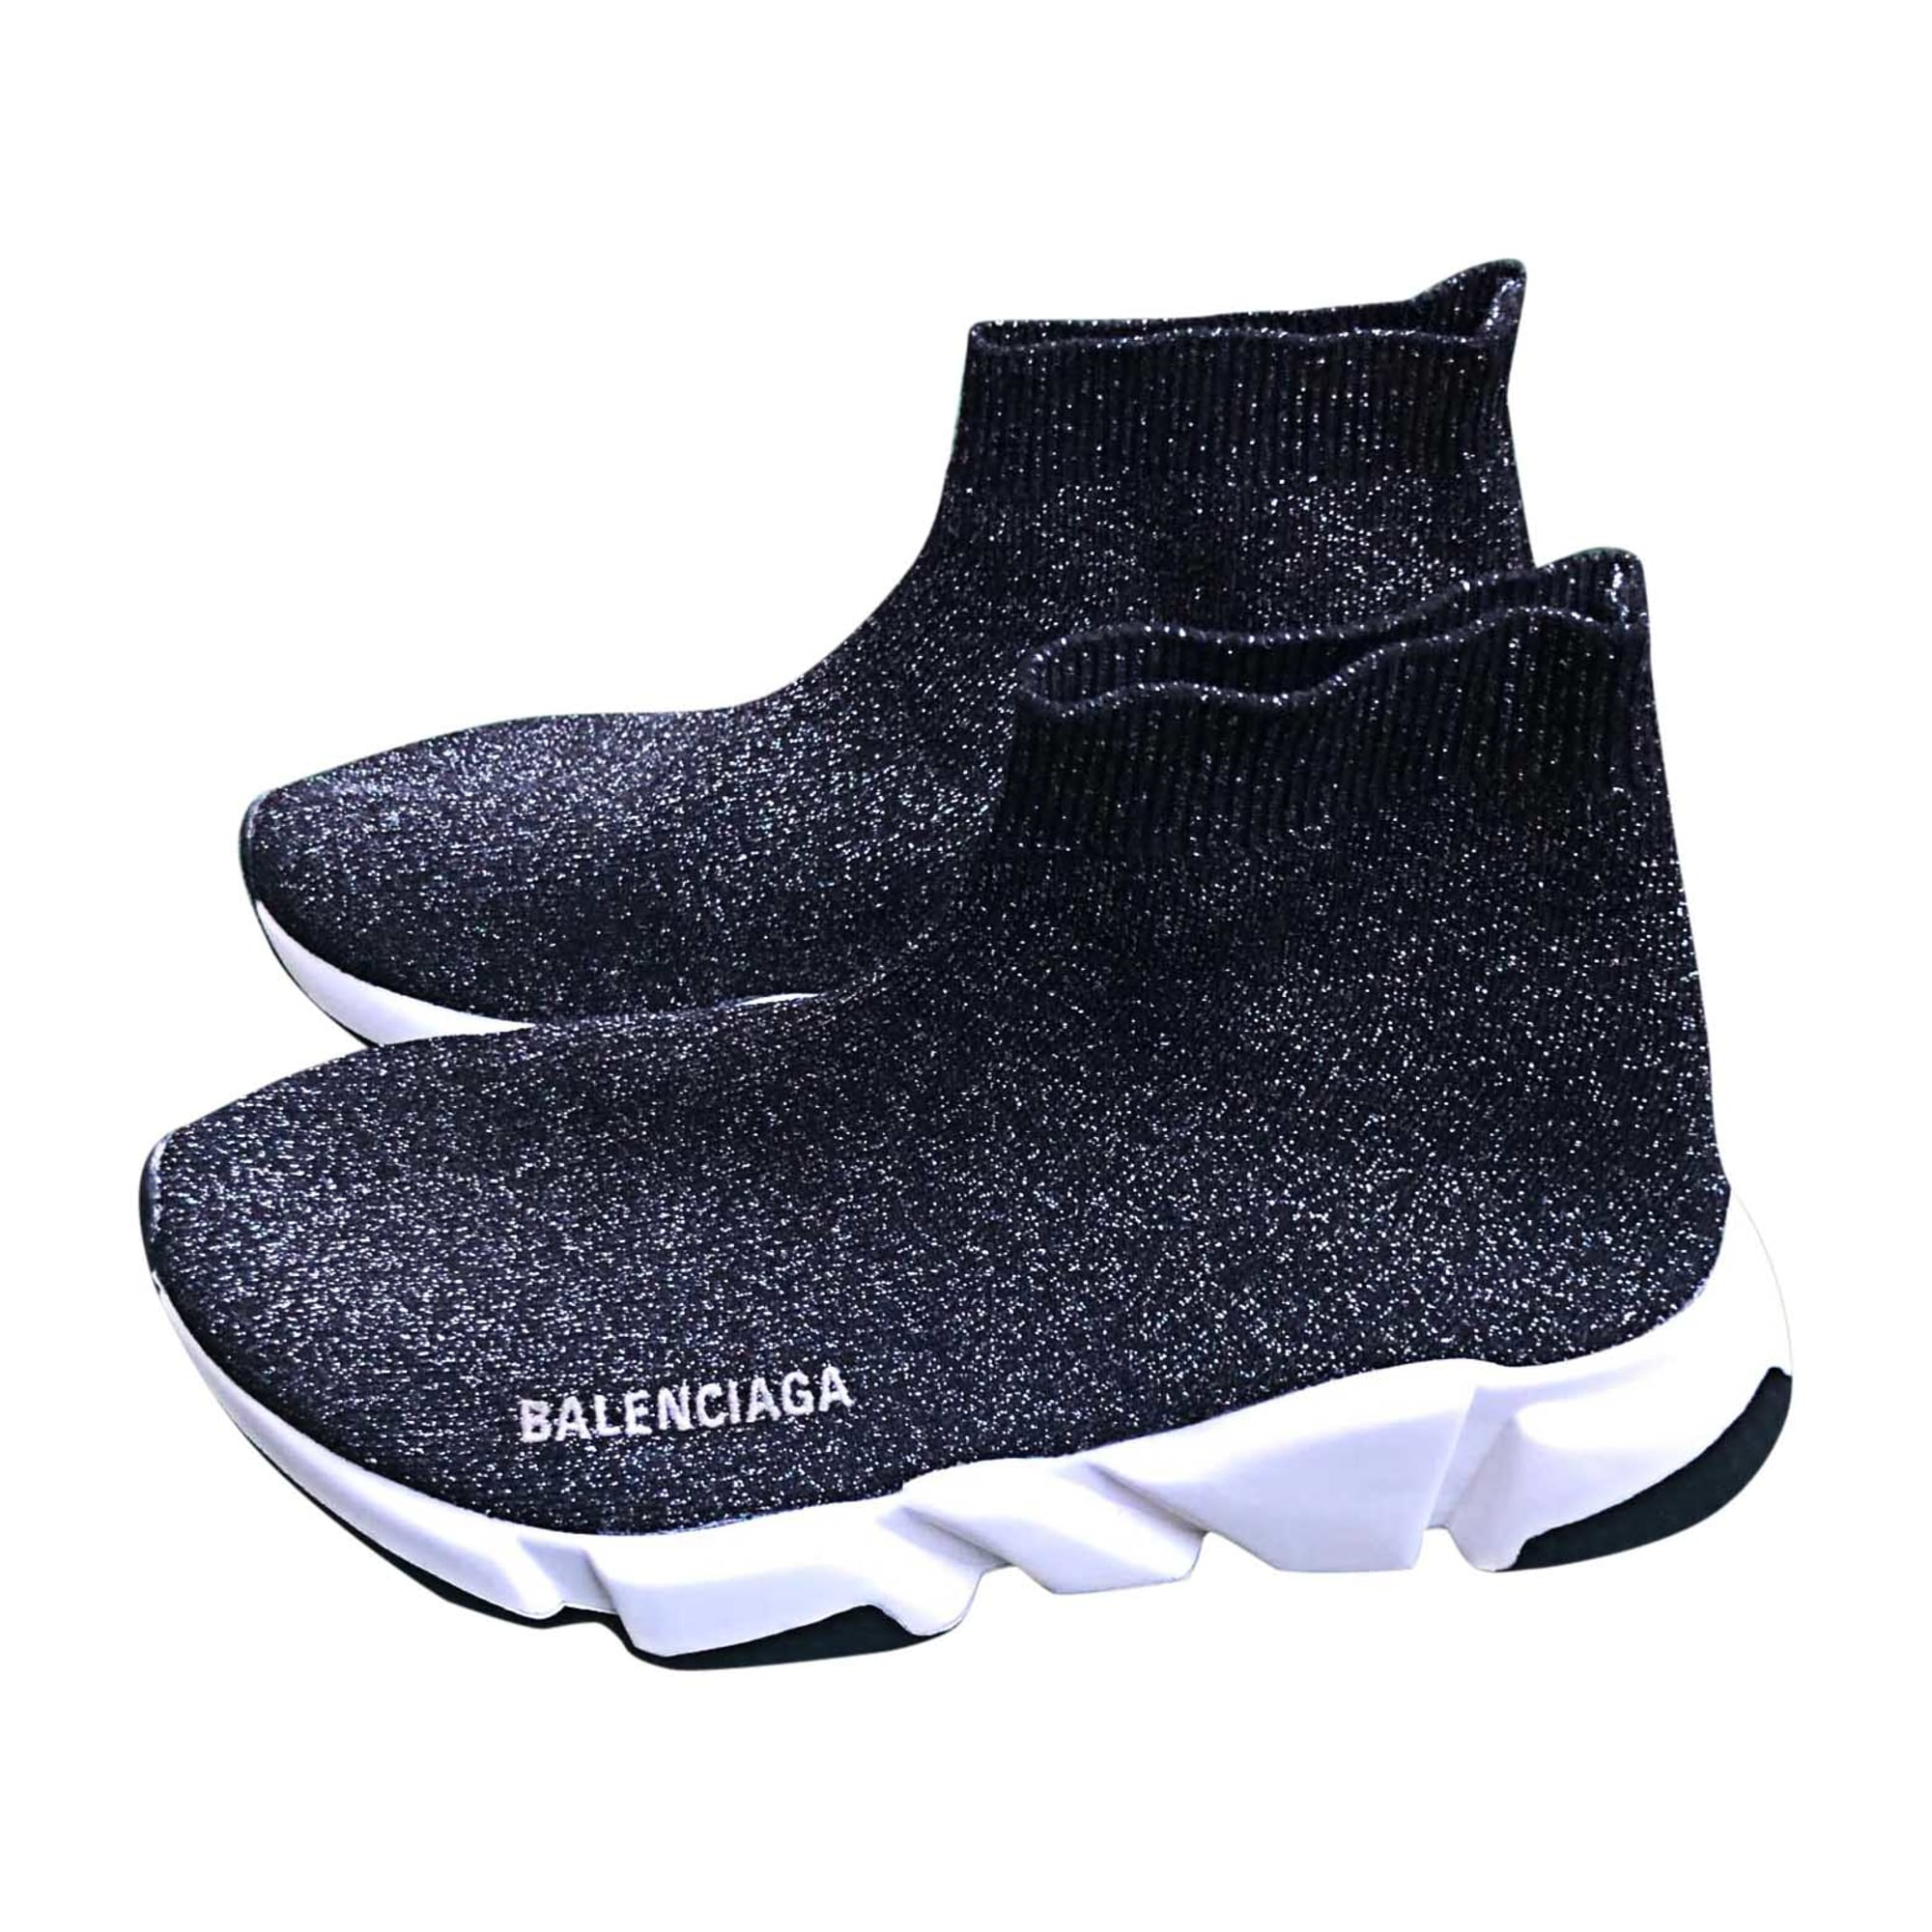 Sneakers BALENCIAGA Silberfarben, stahlfarben